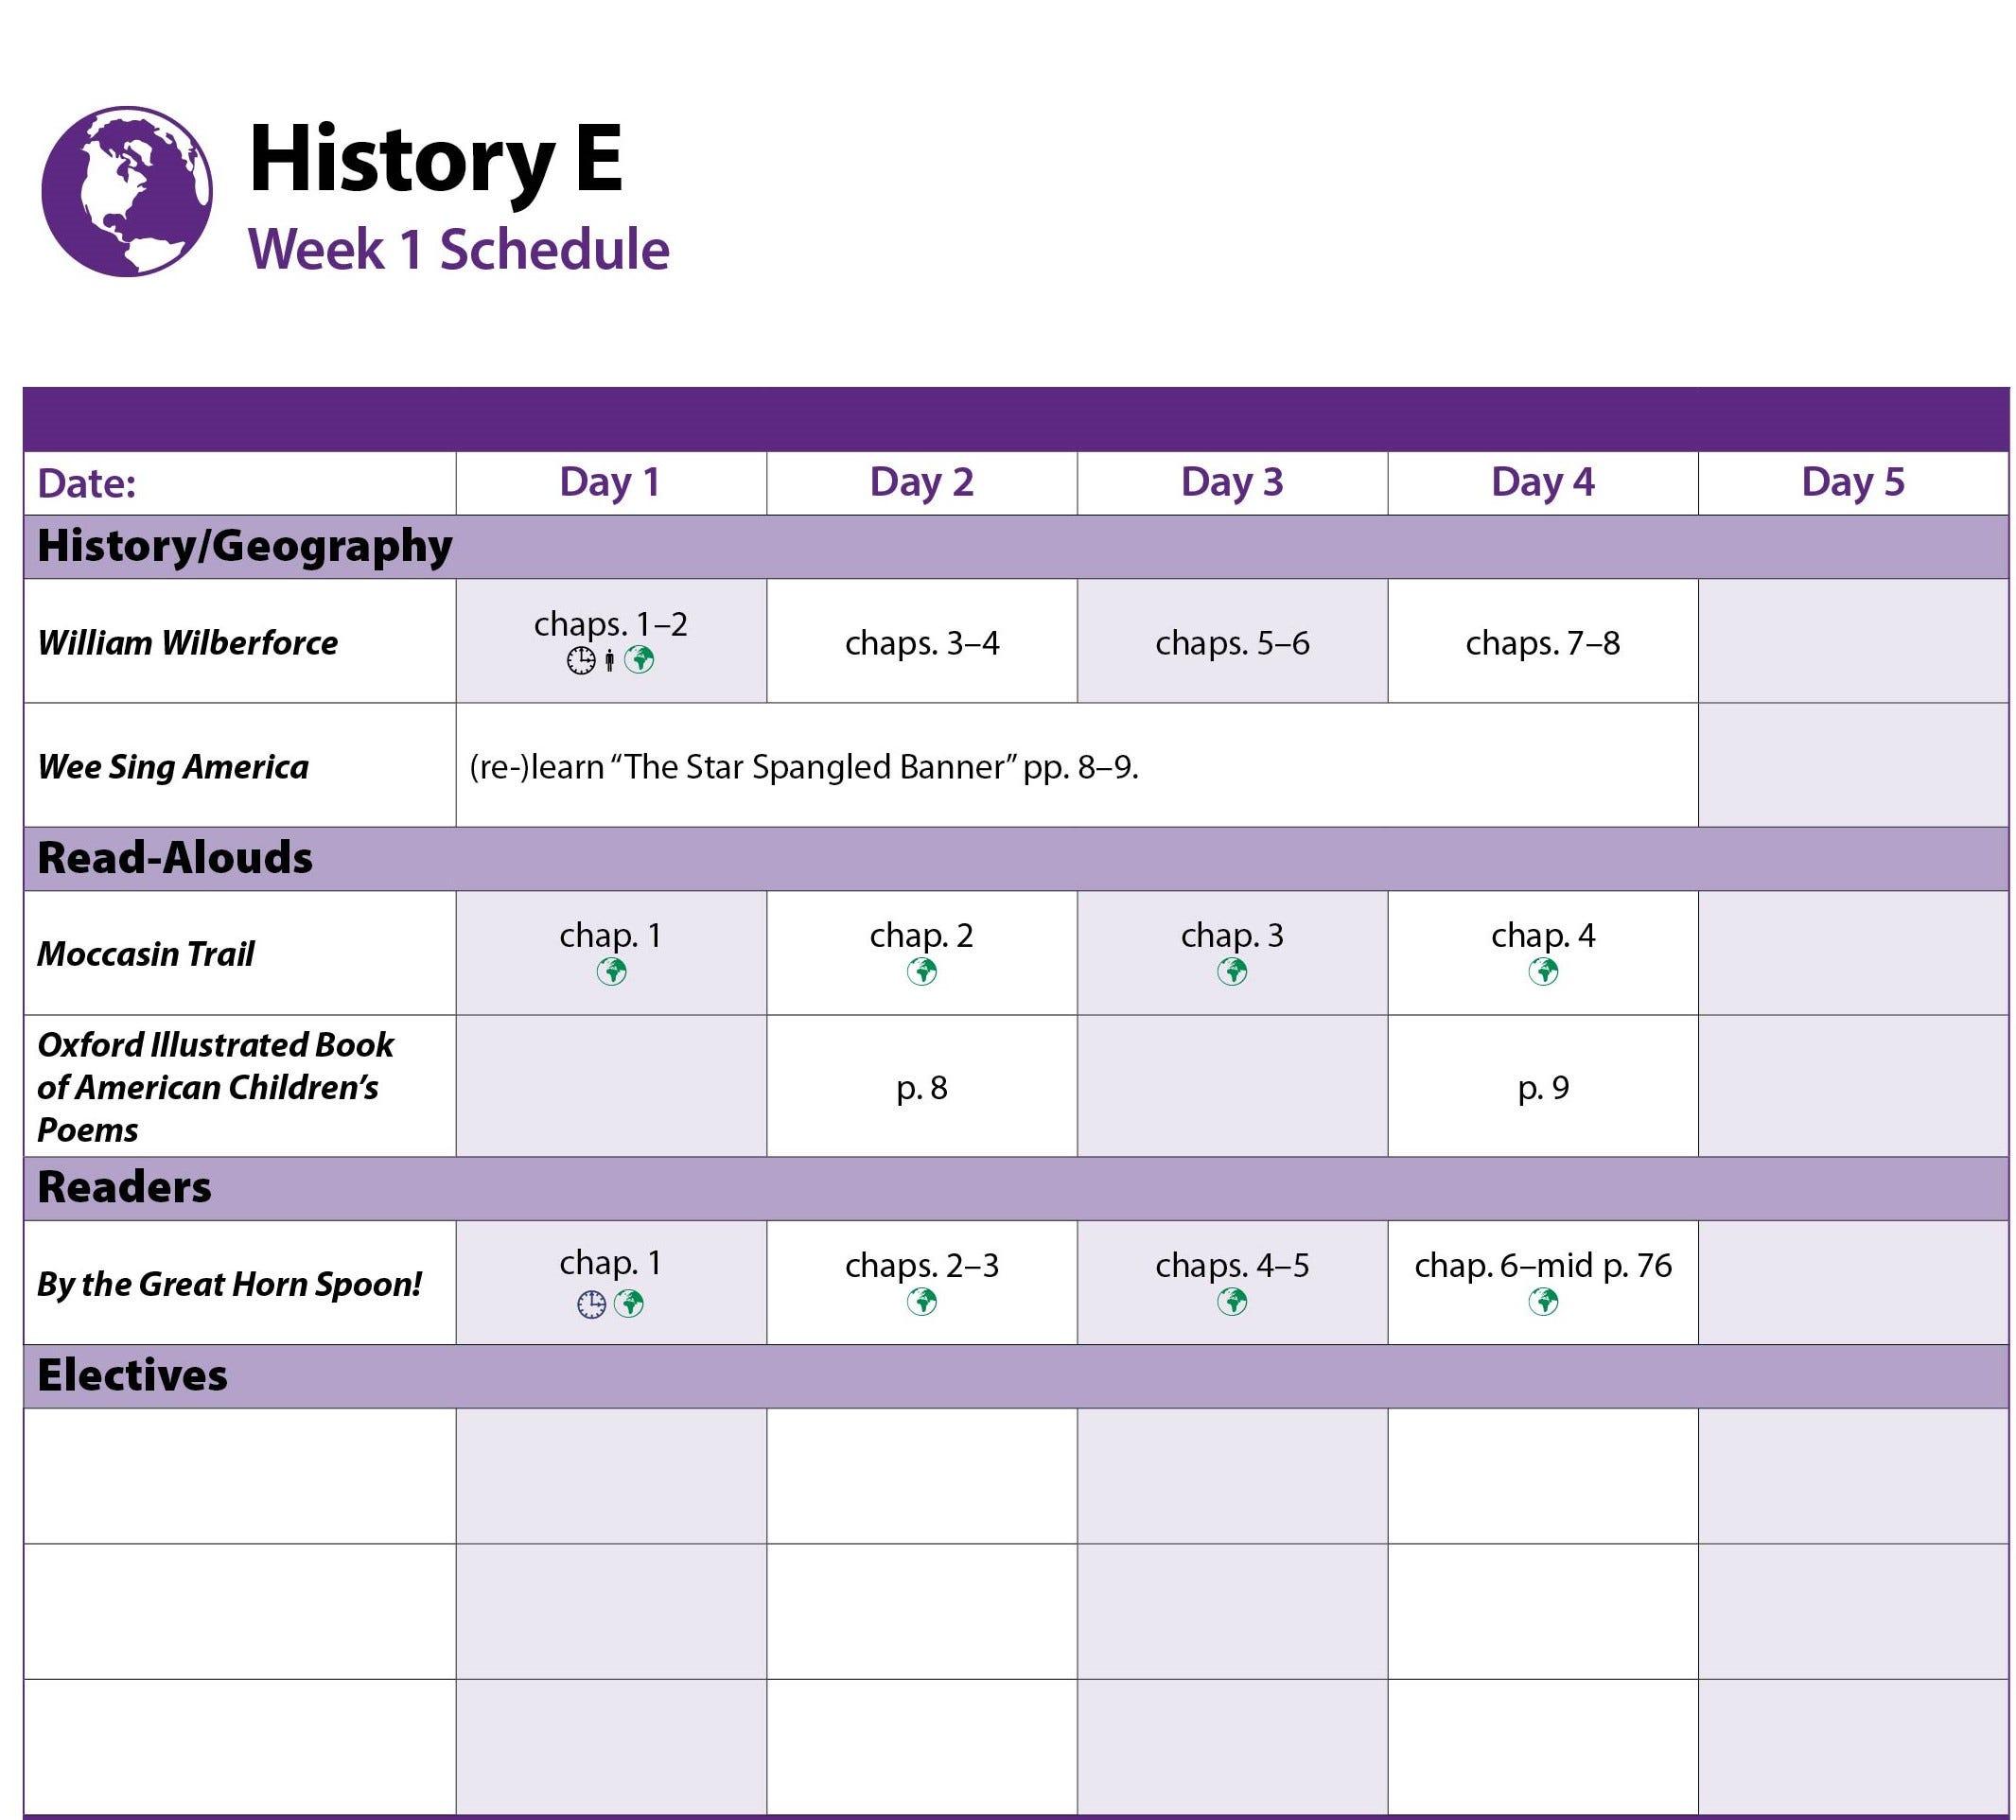 History Week 1